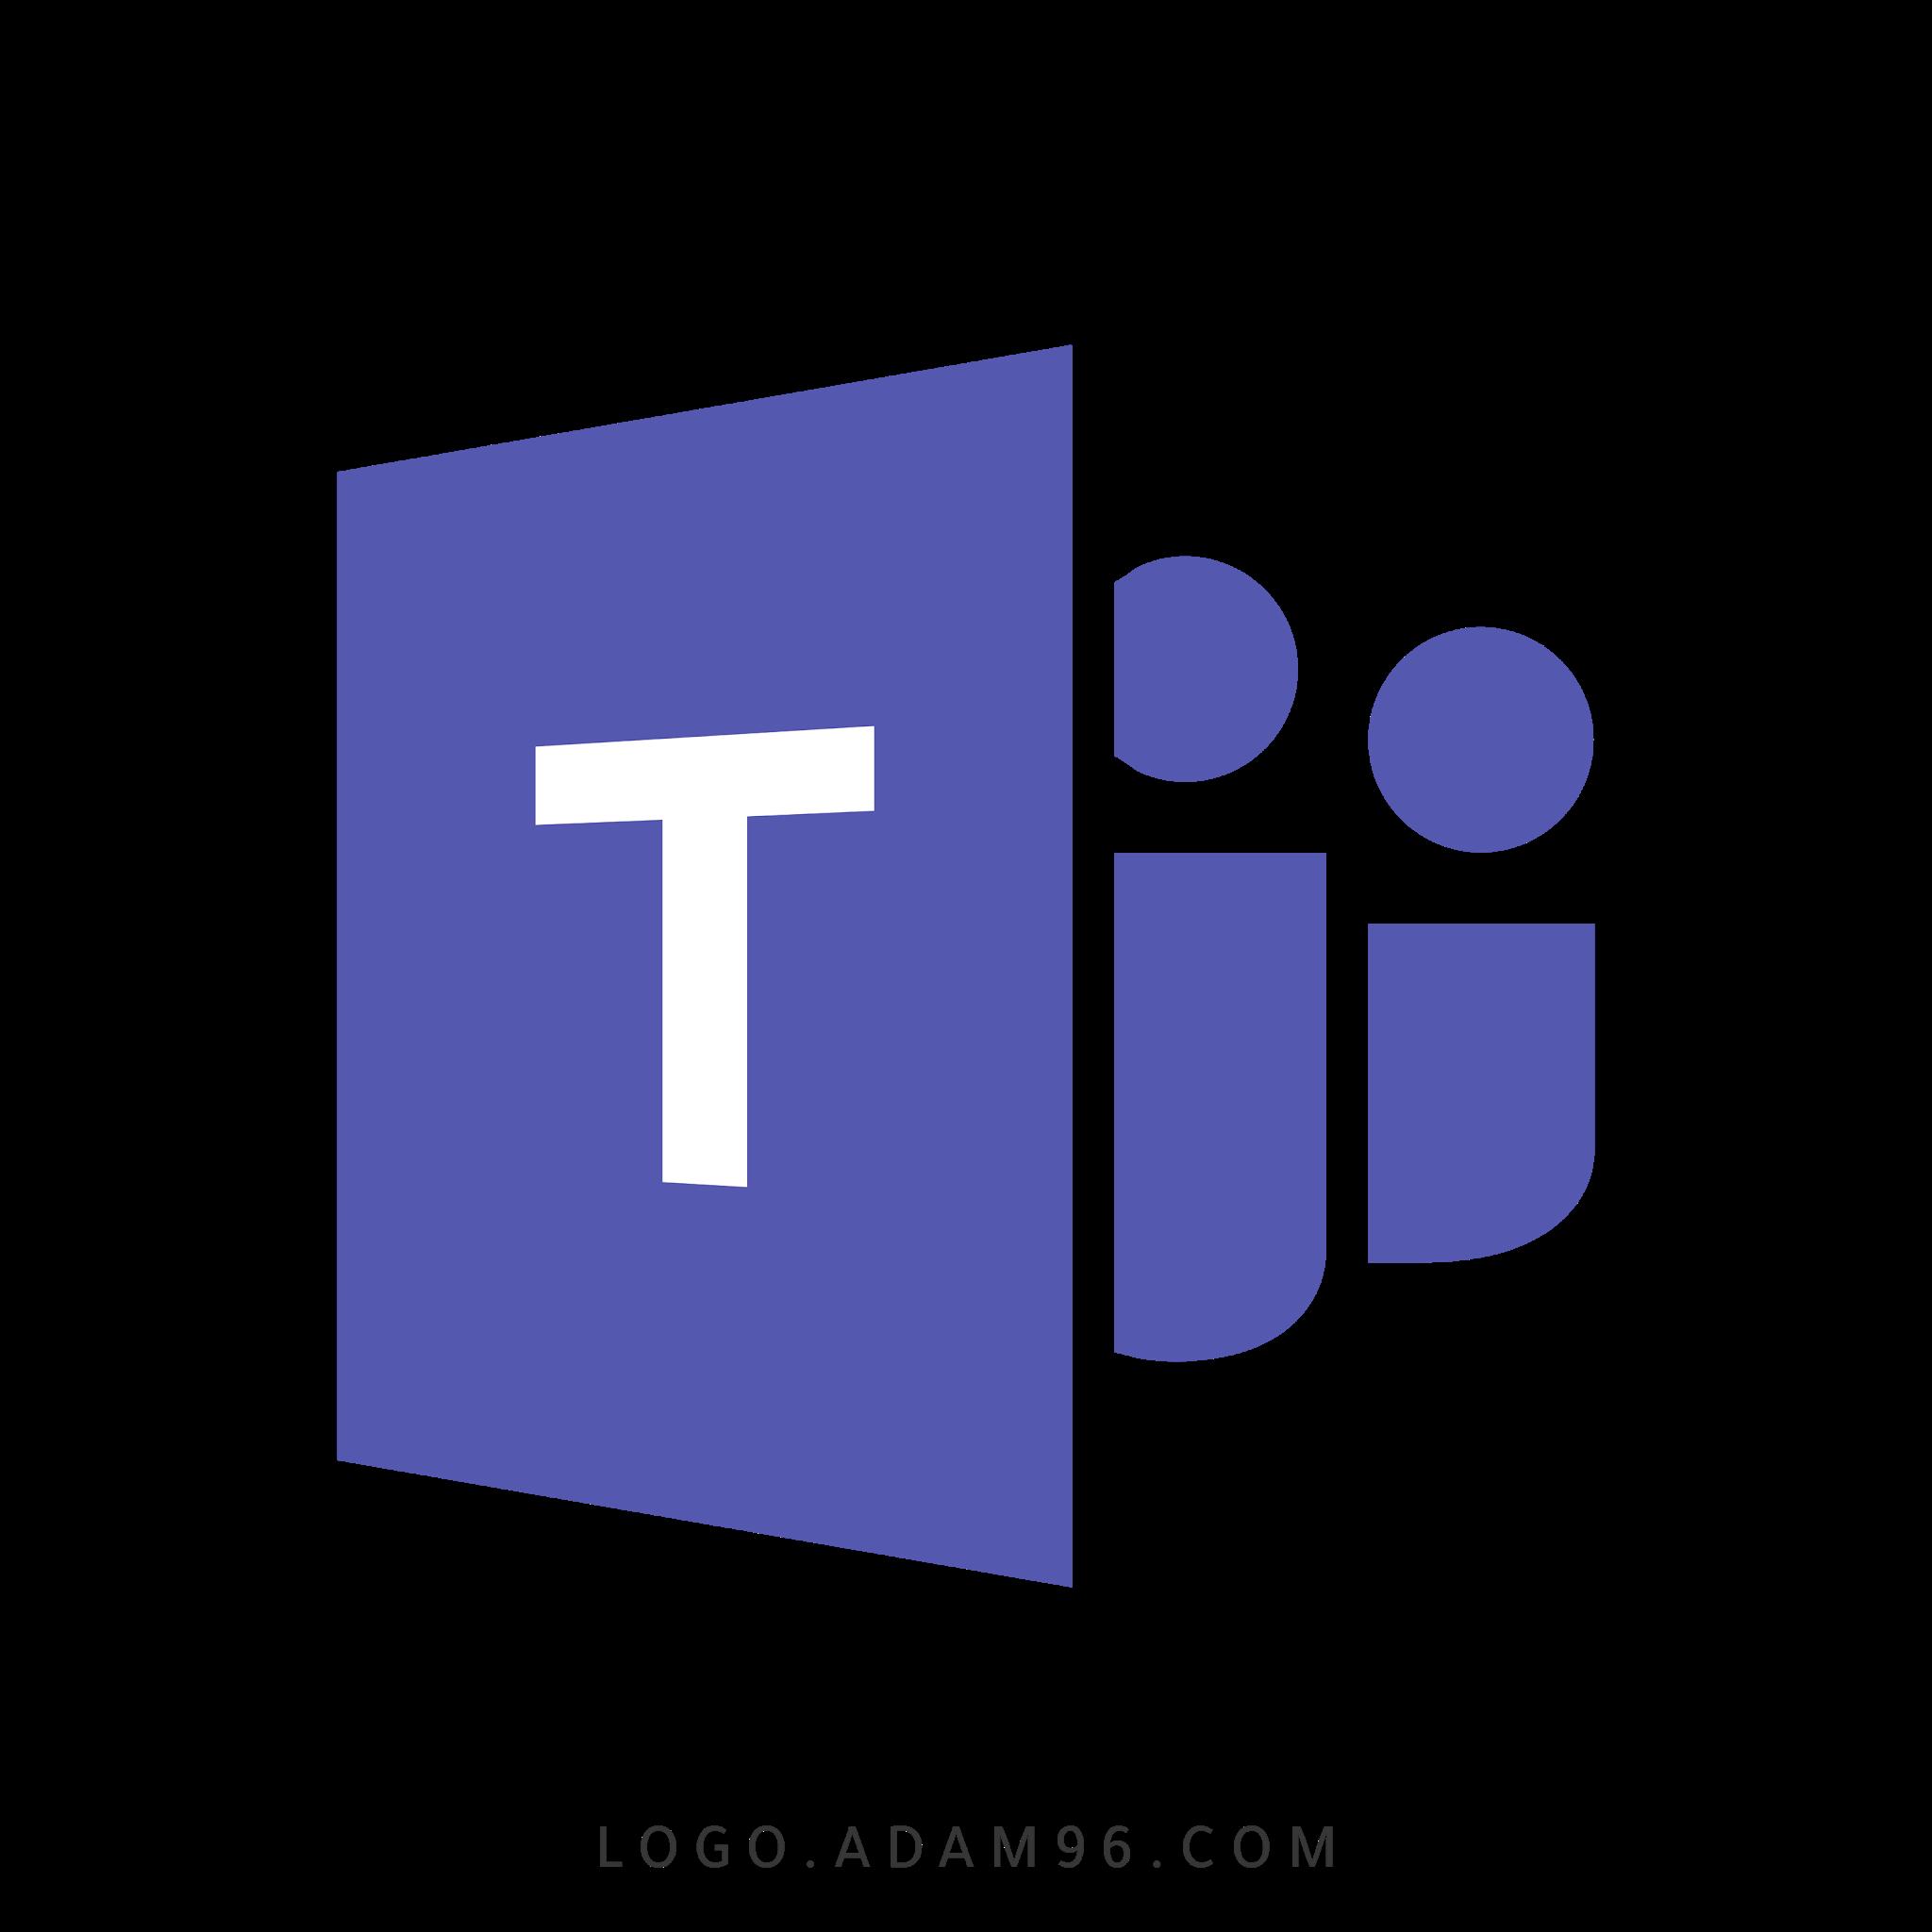 تحميل شعار مايكروسوفت تيمز لوجو بصيغة شفافة Logo Microsoft Teams PNG